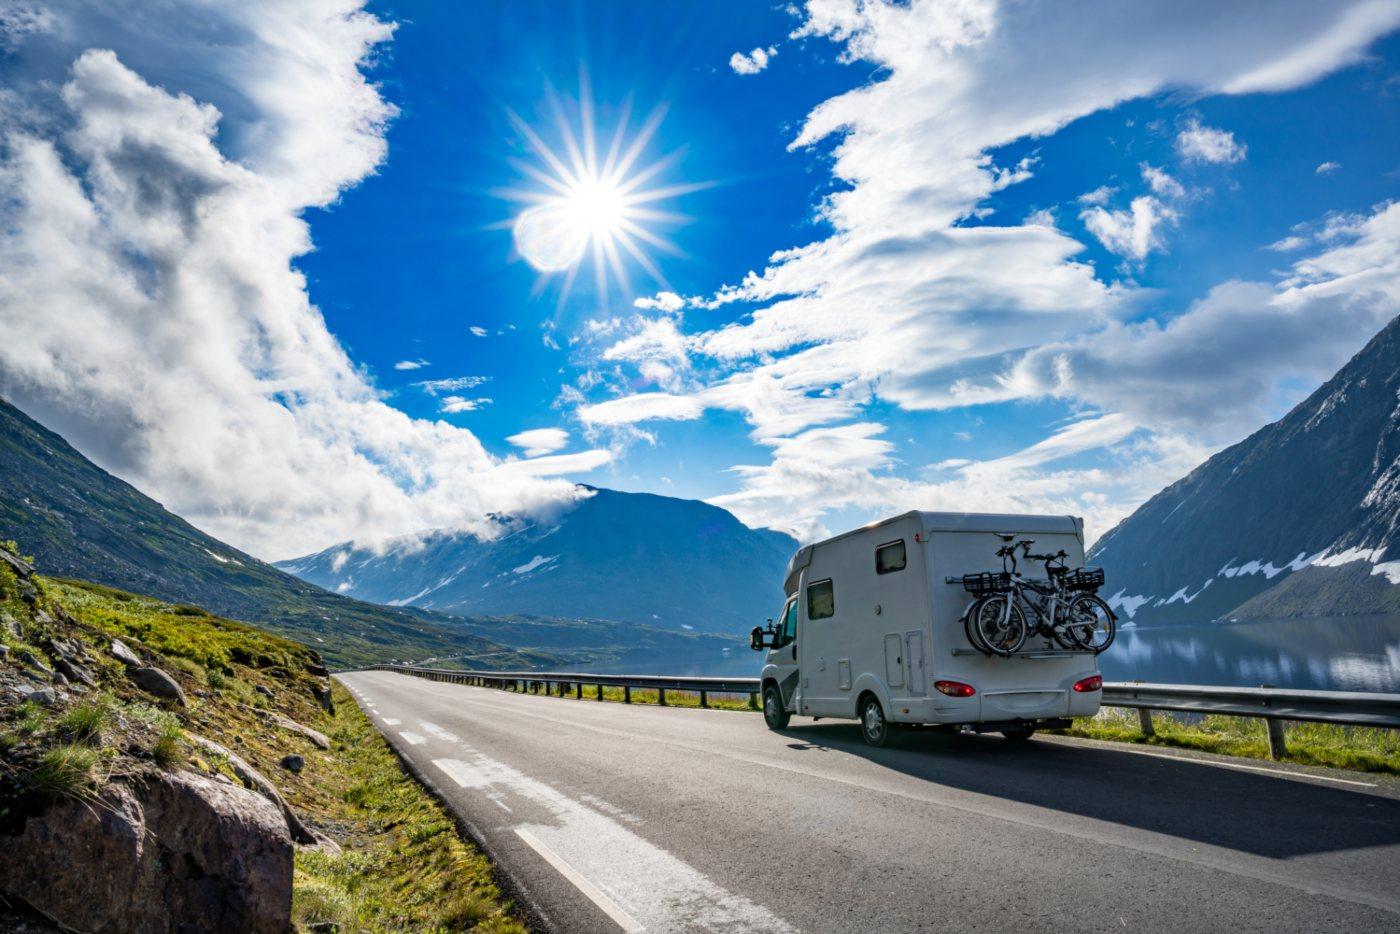 Autocaravana em direção à montanha